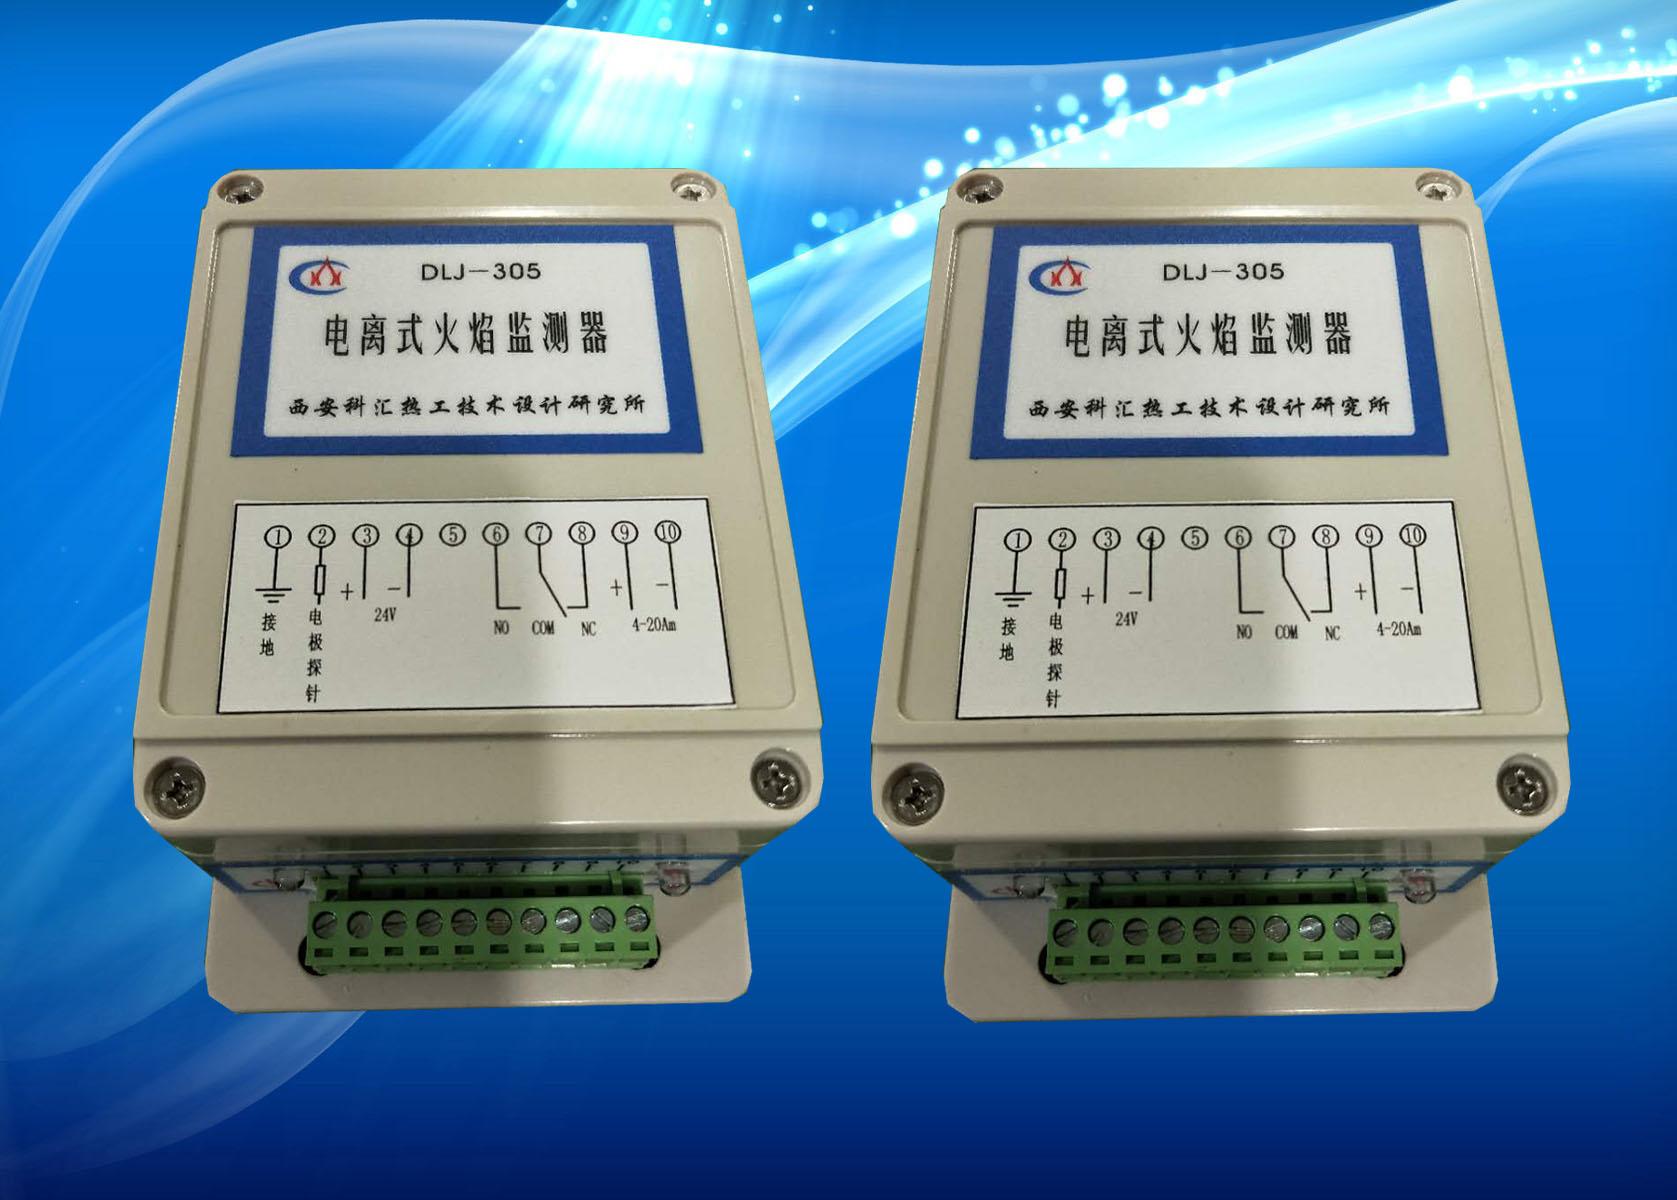 DLJ-305-24V 電離式火焰檢測器